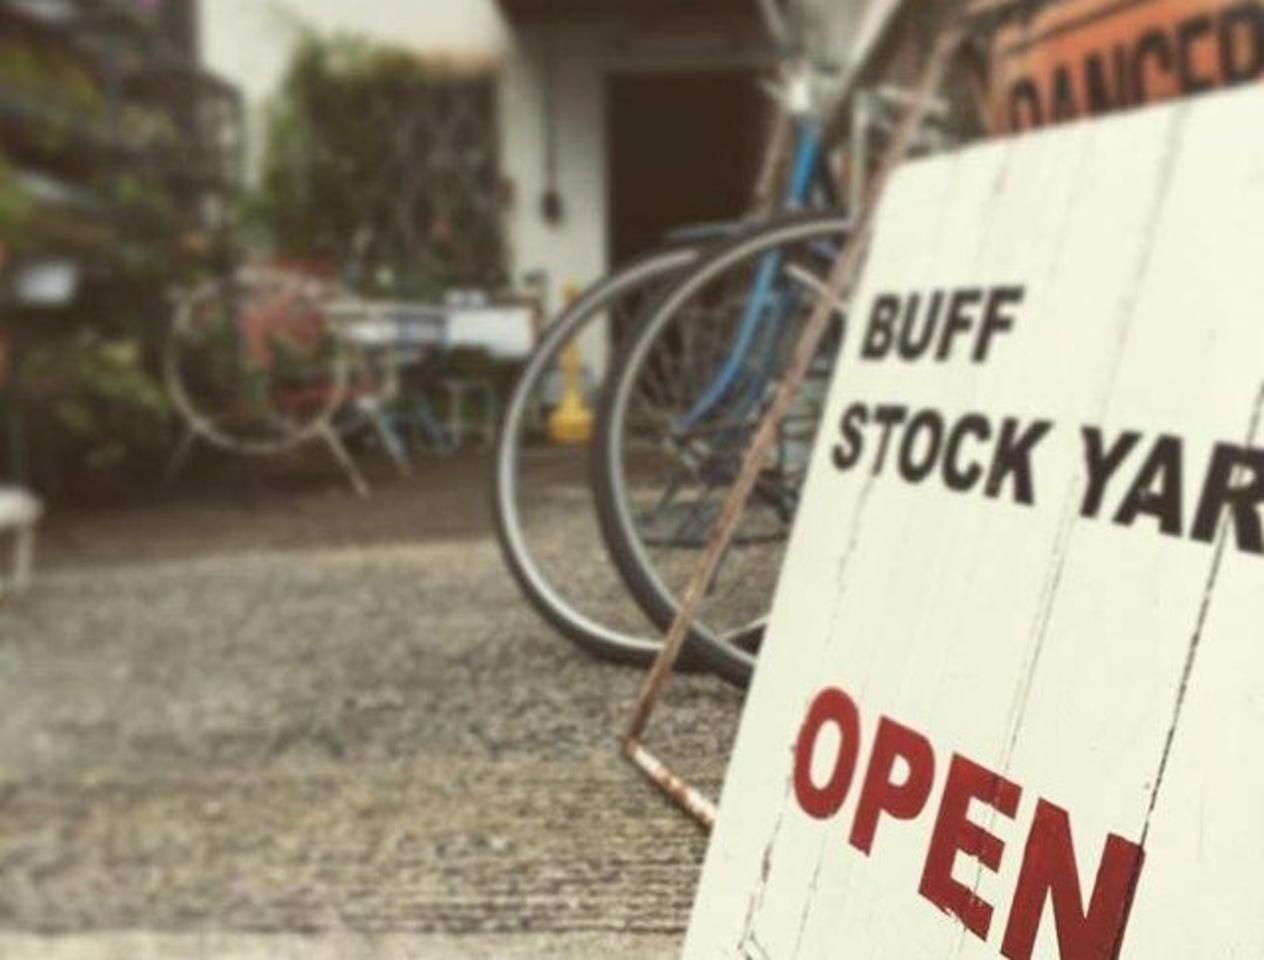 【 BUFF STOCK YARD 】ヴィンテージ家具・雑貨(大阪府箕面市)